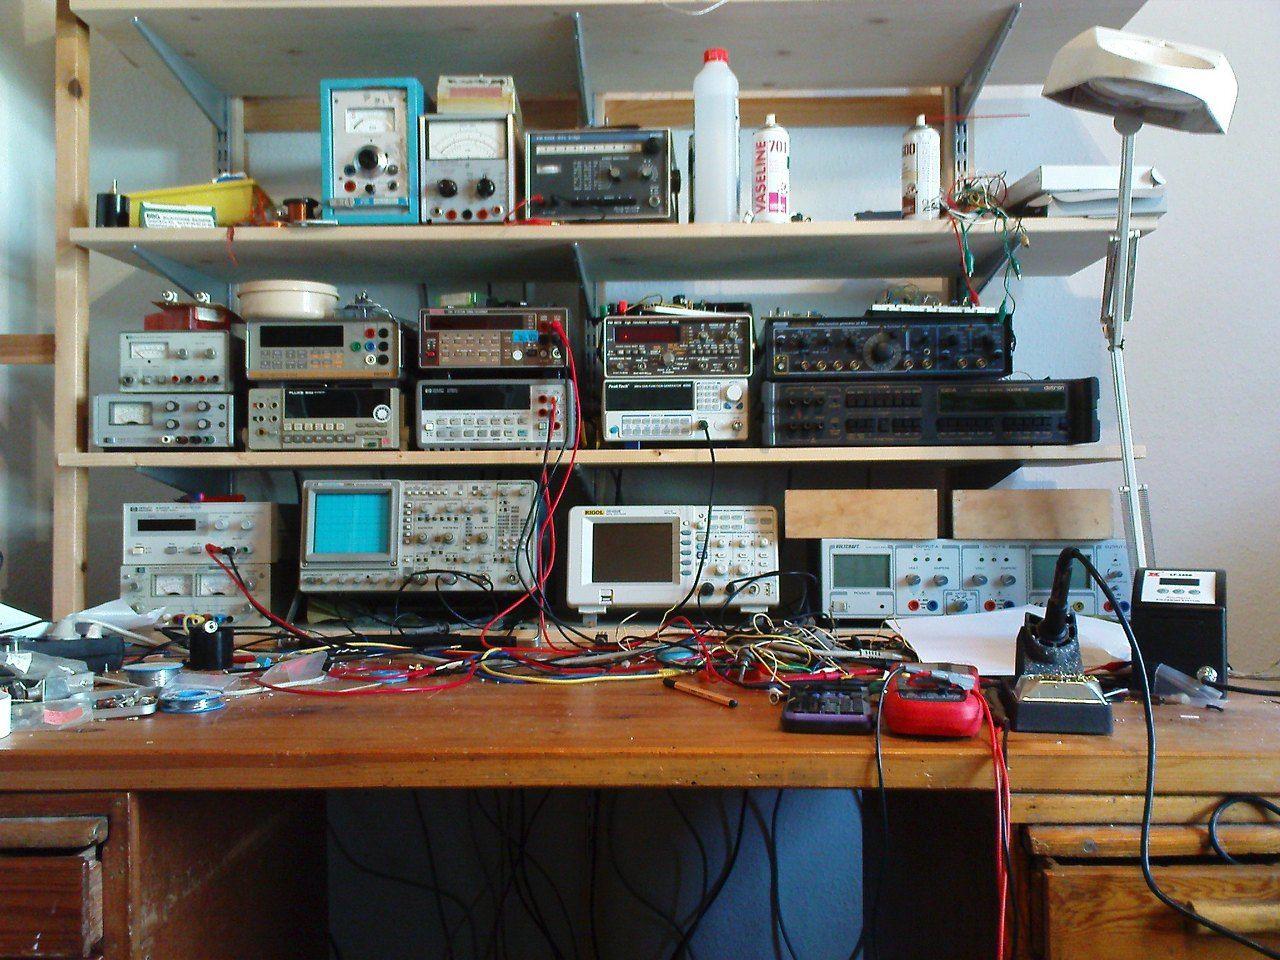 домашняя радиомастерская фото